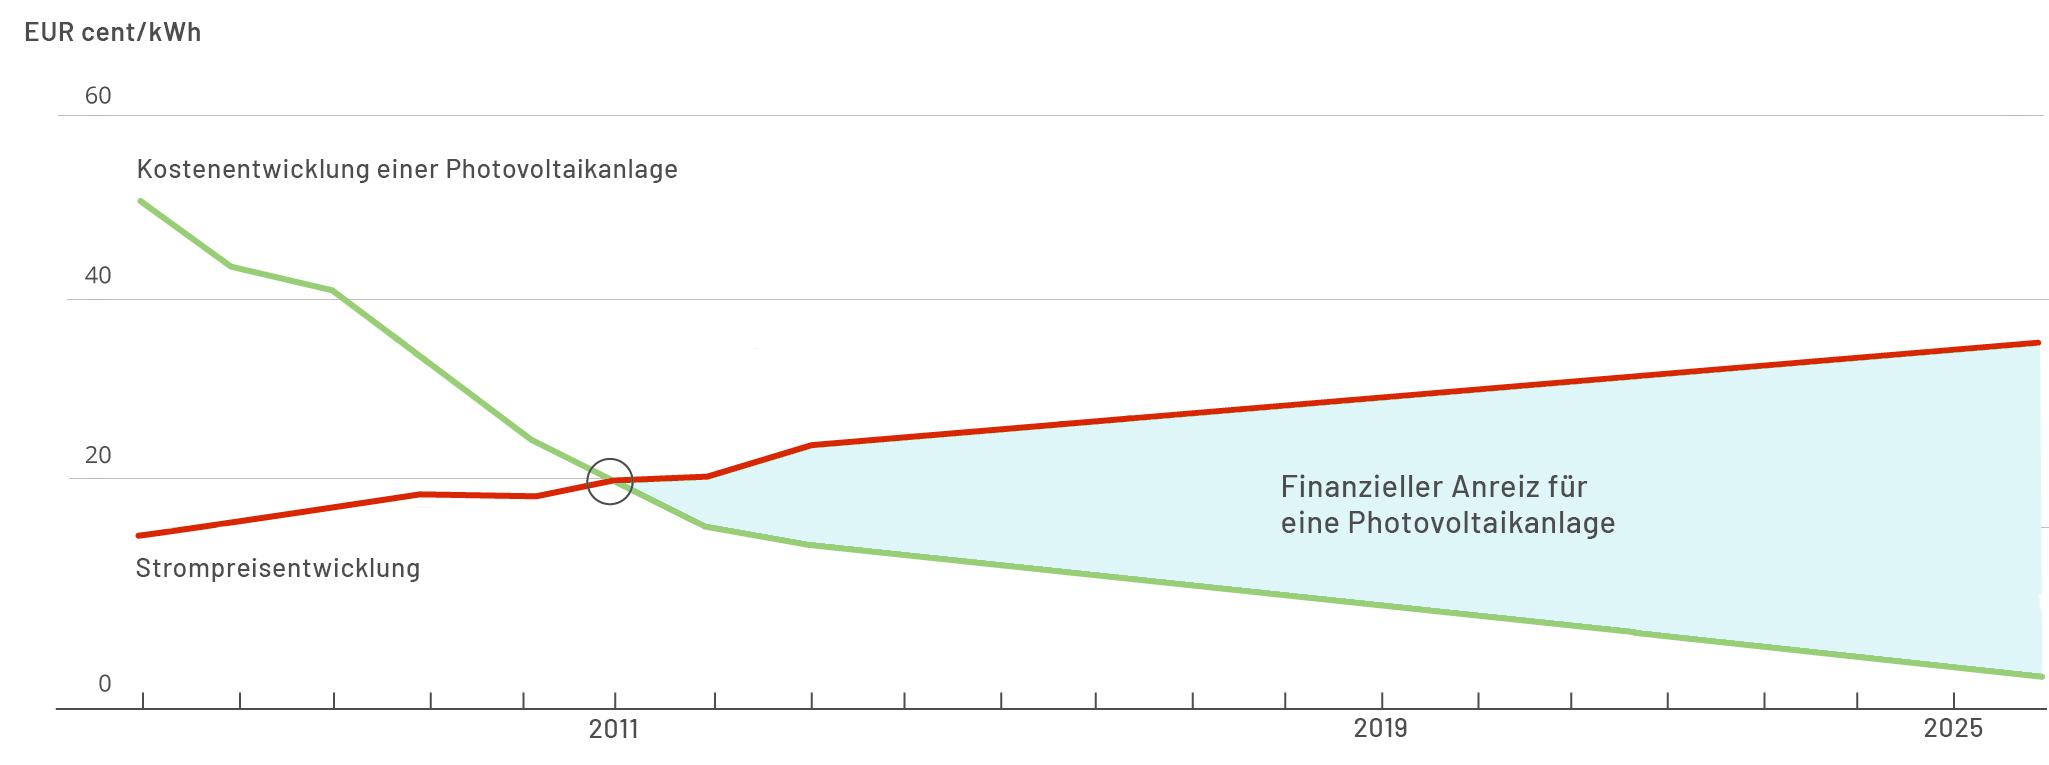 Finanzieller Anreiz für Photovoltaik